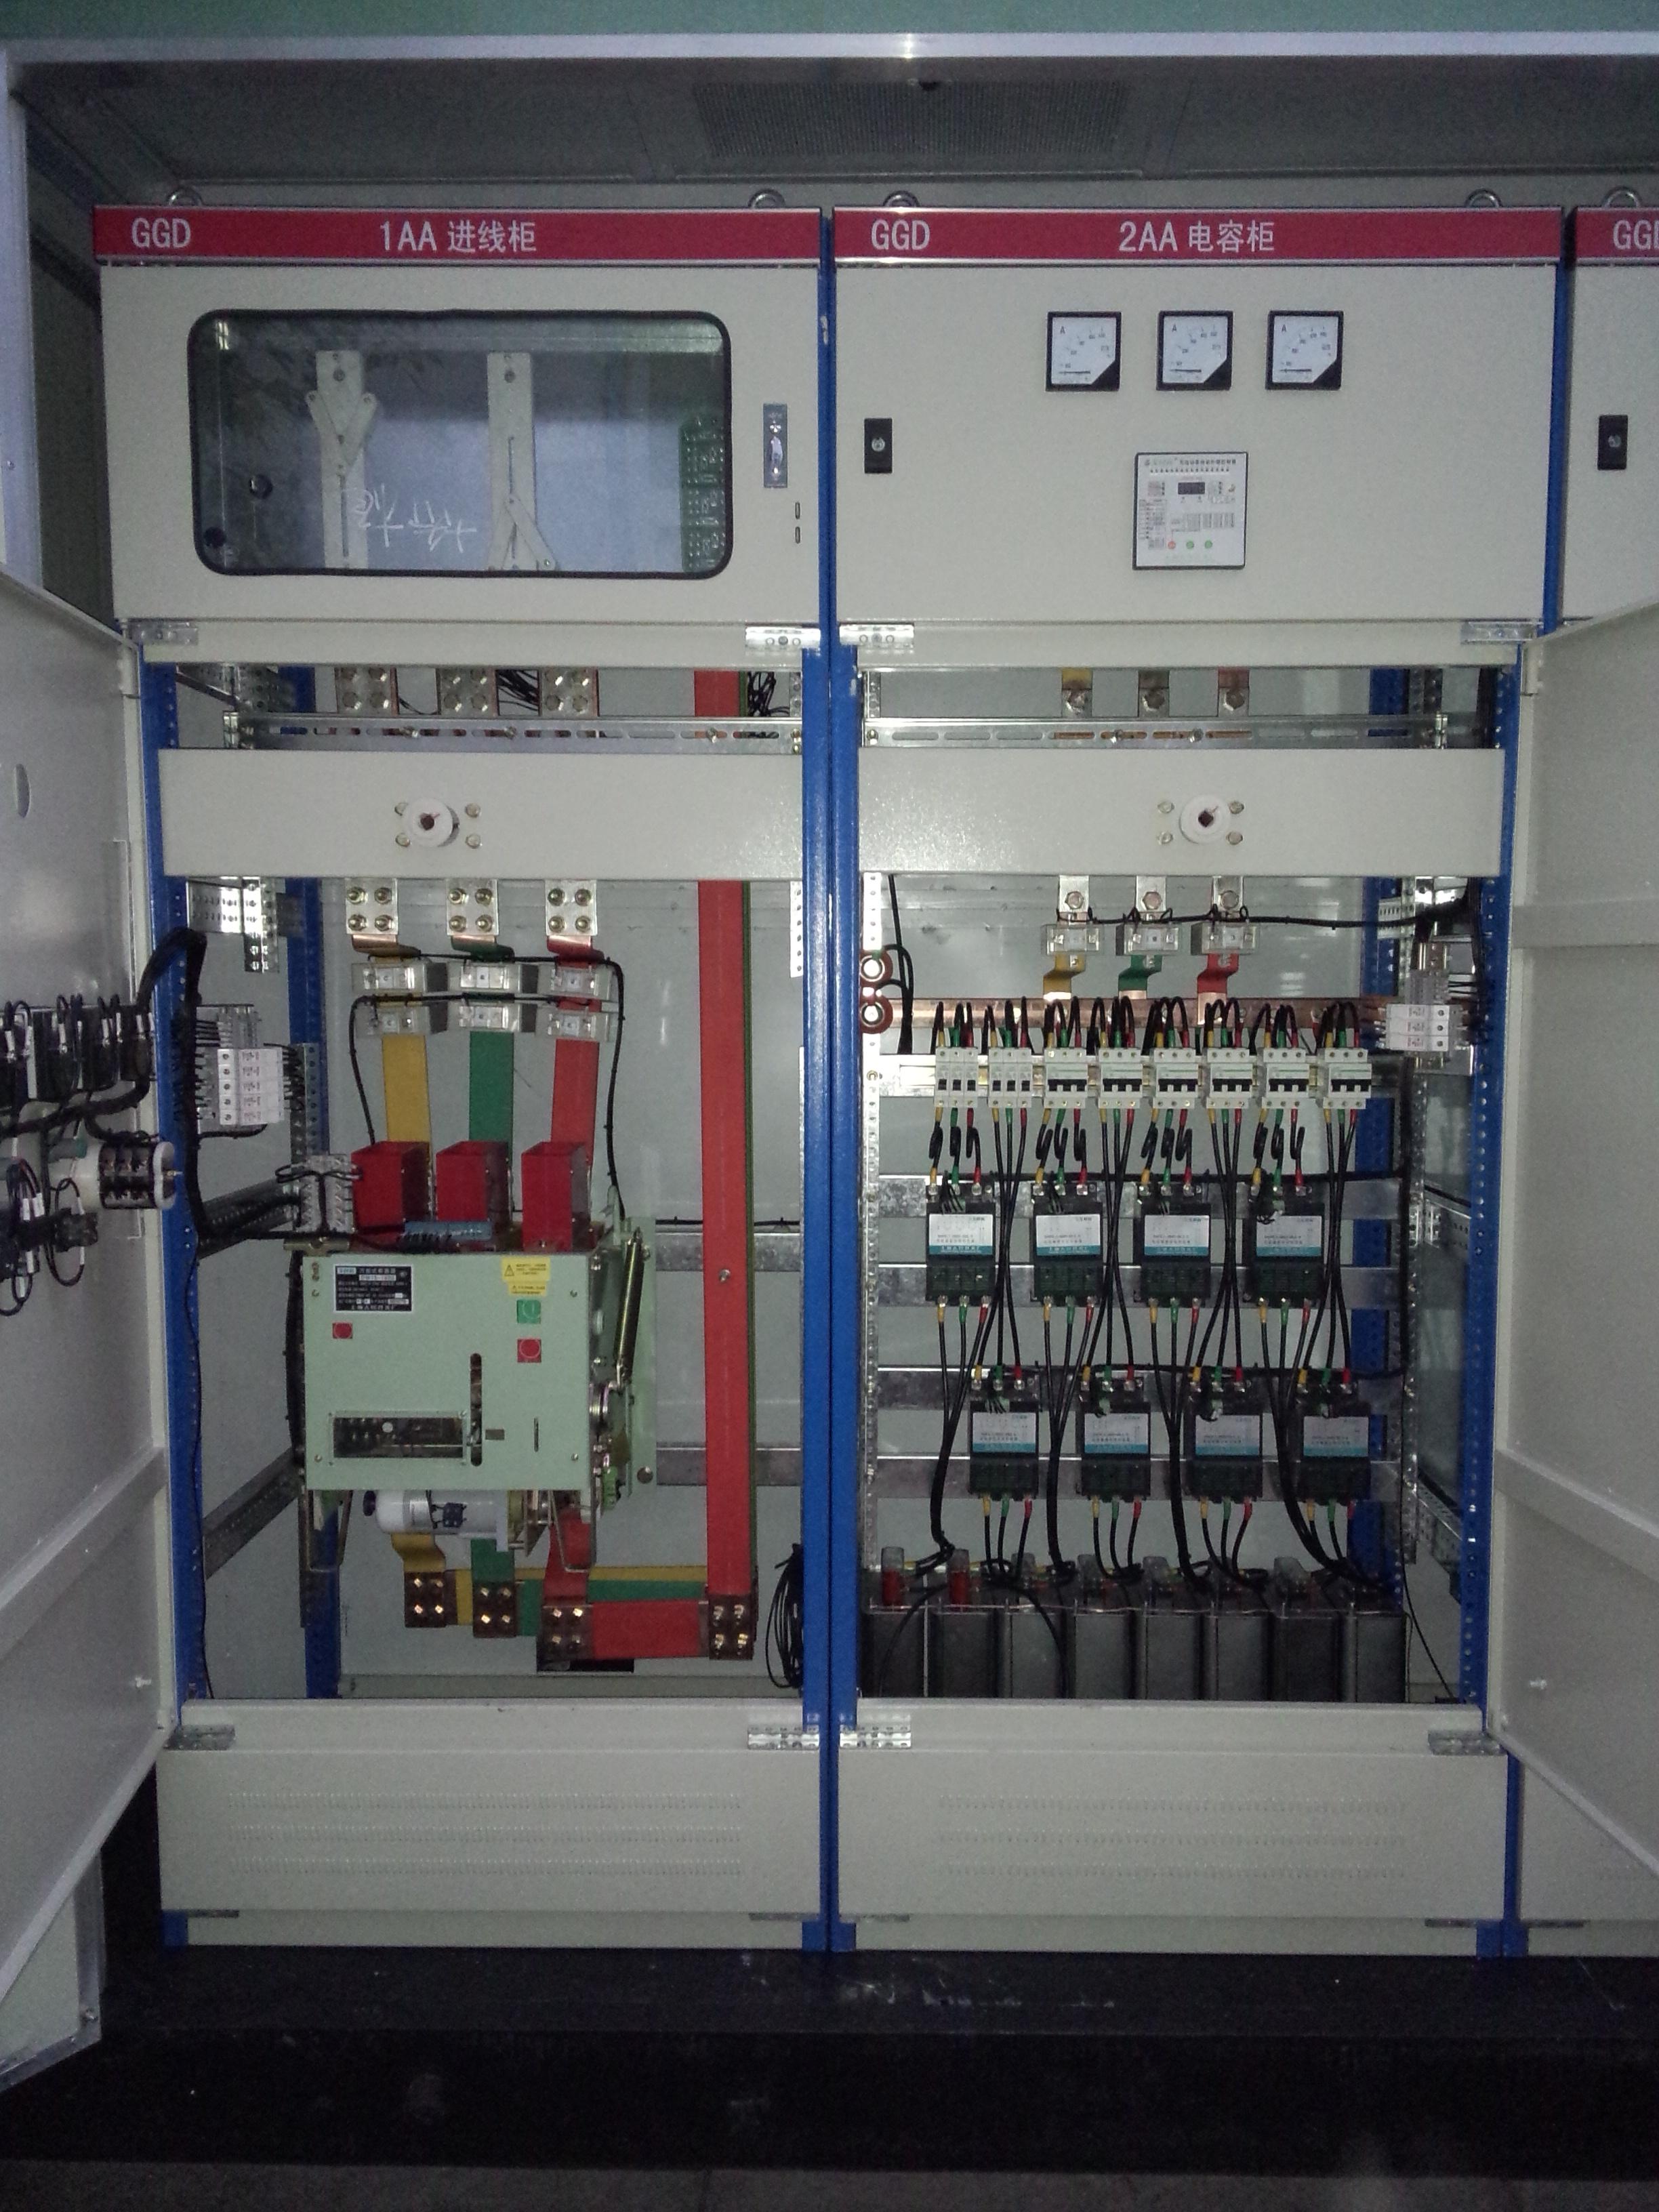 【电器柜】 高低压成套电器柜 低压成套电器柜 高压成套电器柜